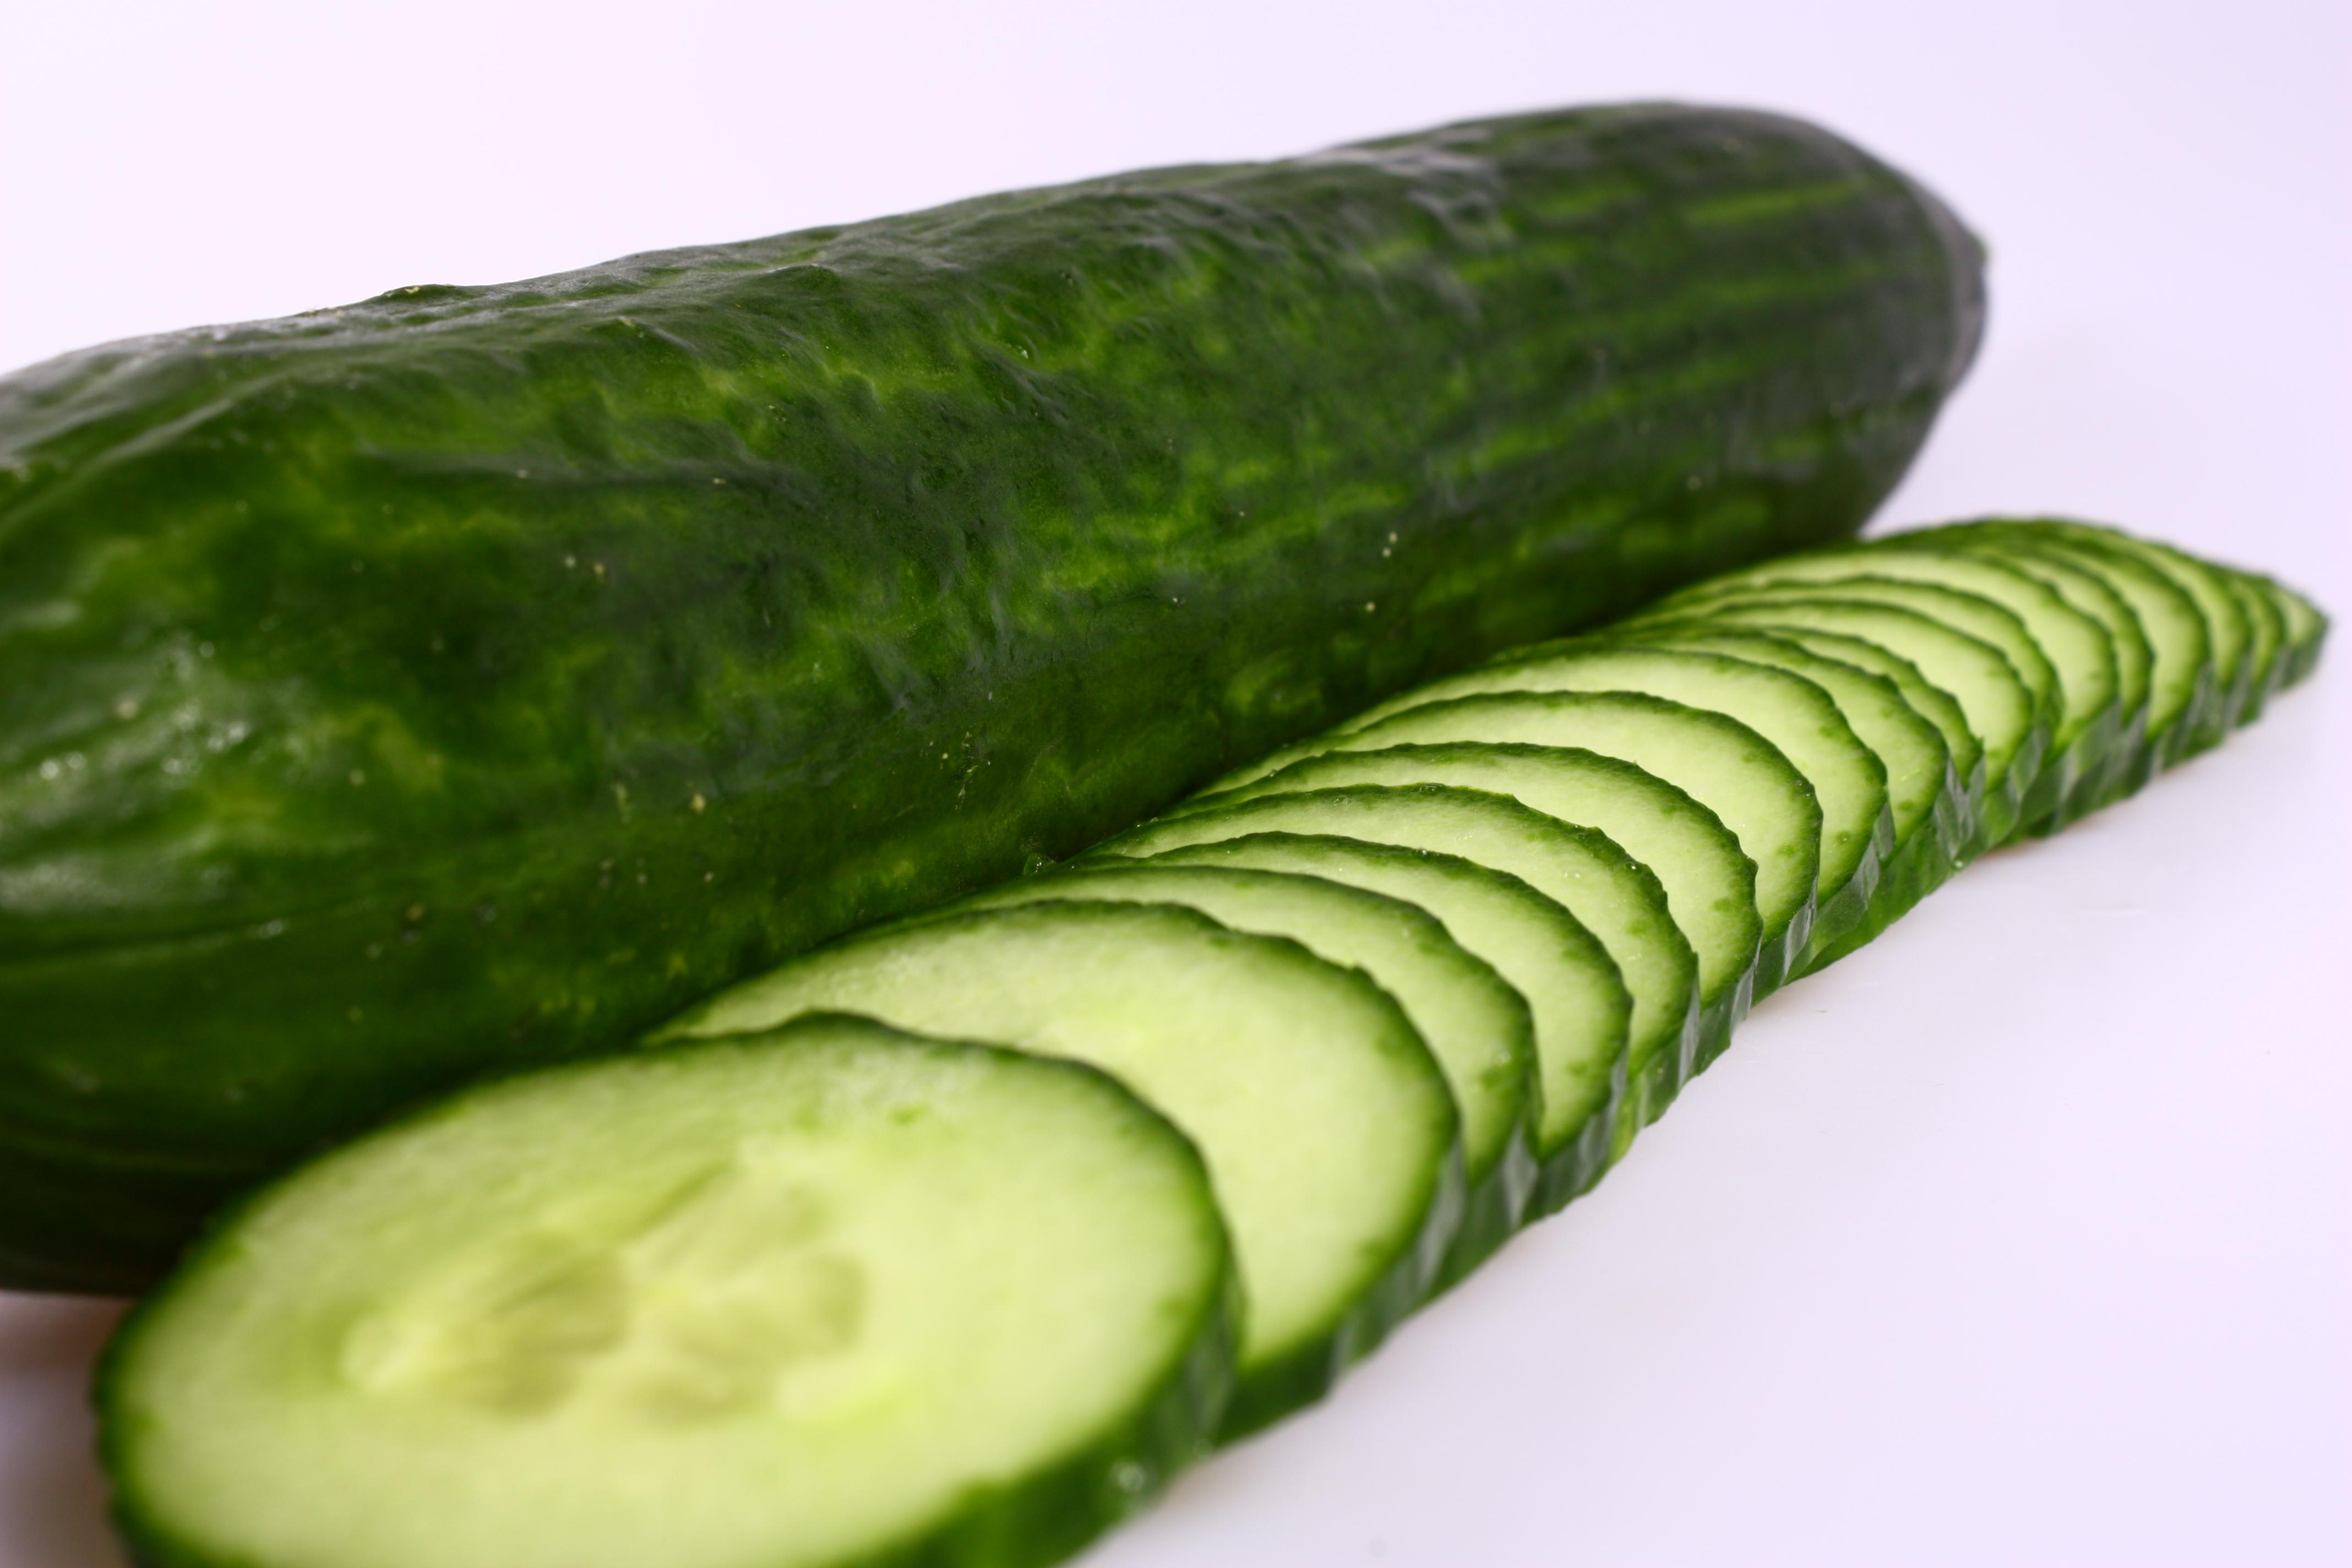 Tekort aan agf in uk door crisis calais - De komkommers ...